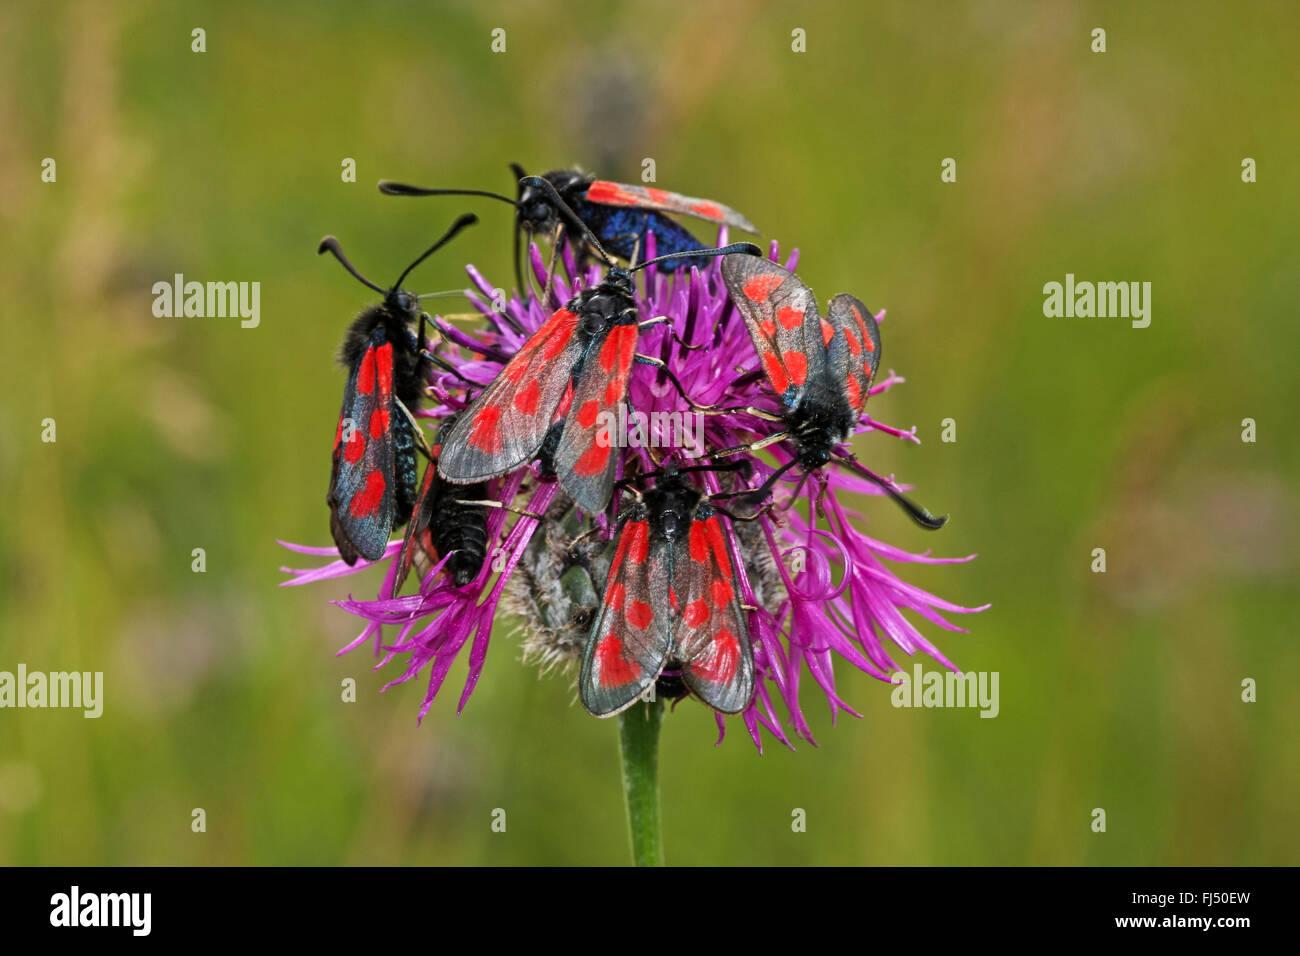 Slender burnet, Slender Scotch Burnet (Zygaena loti), aggregation on knapweed, Germany - Stock Image